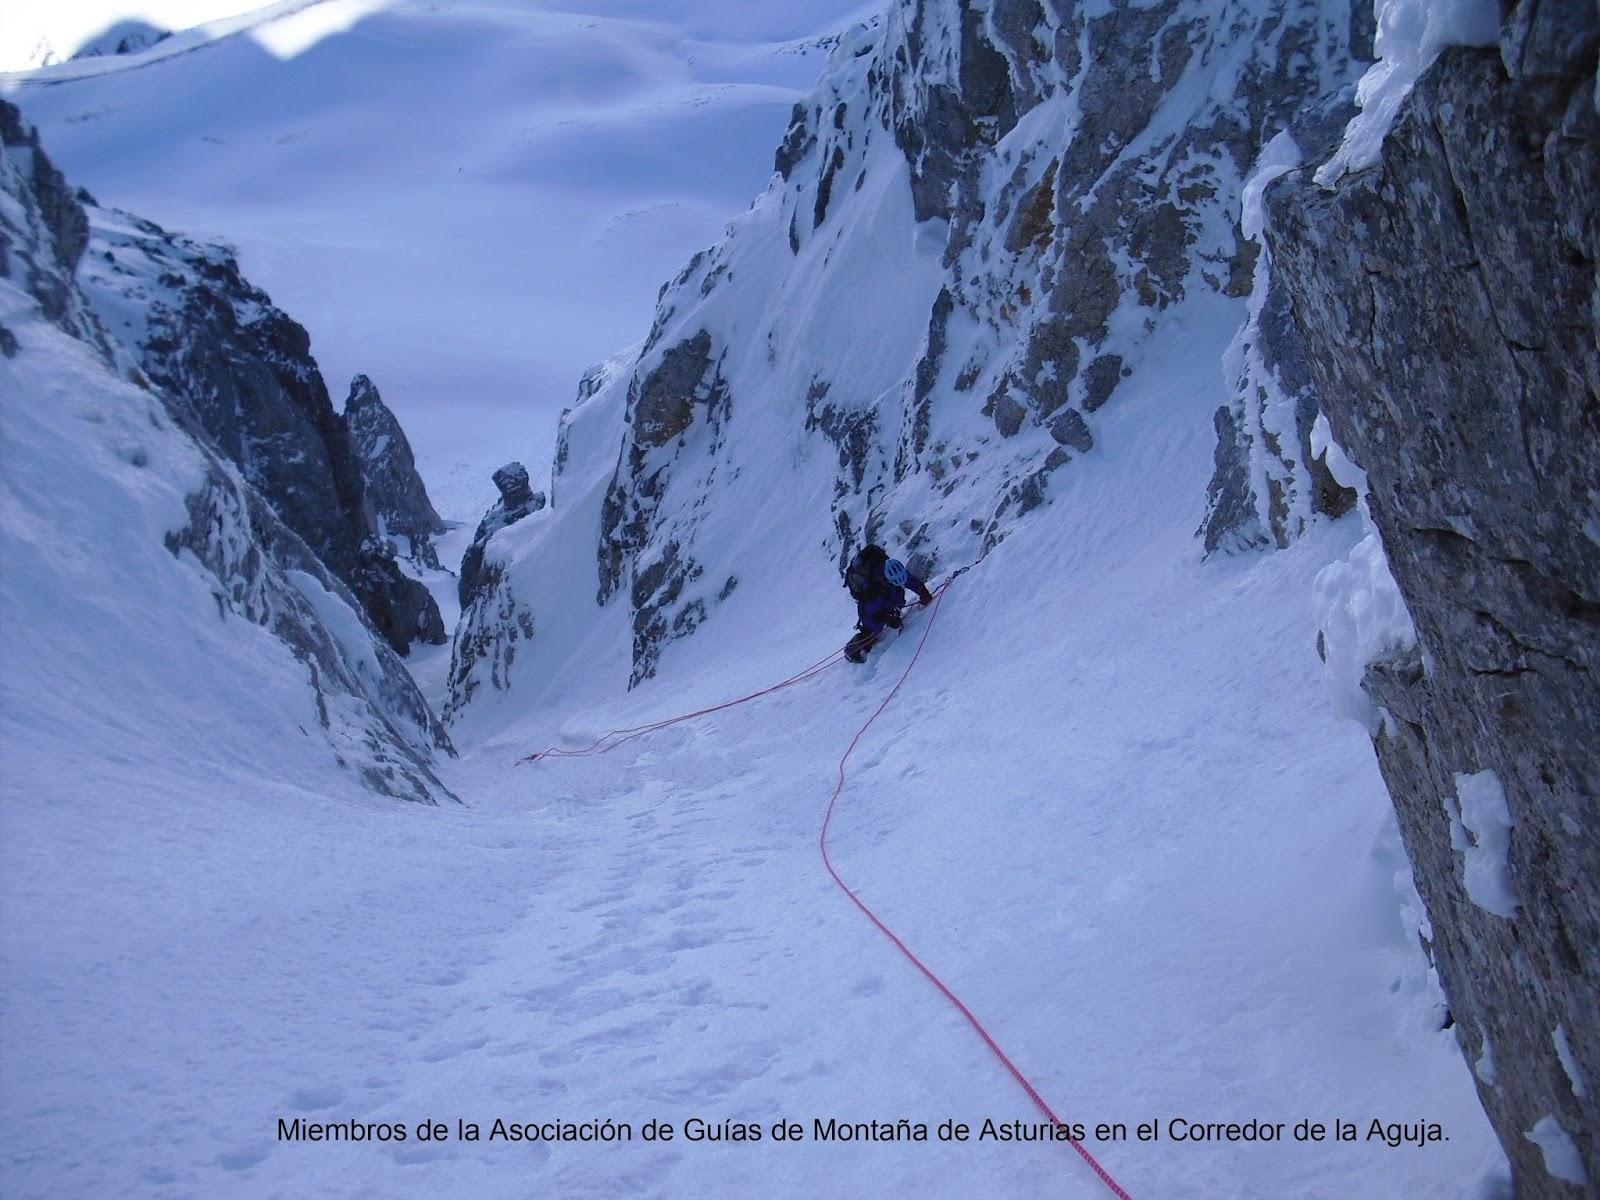 Curso iniciación a la escalada de corredores de nieve